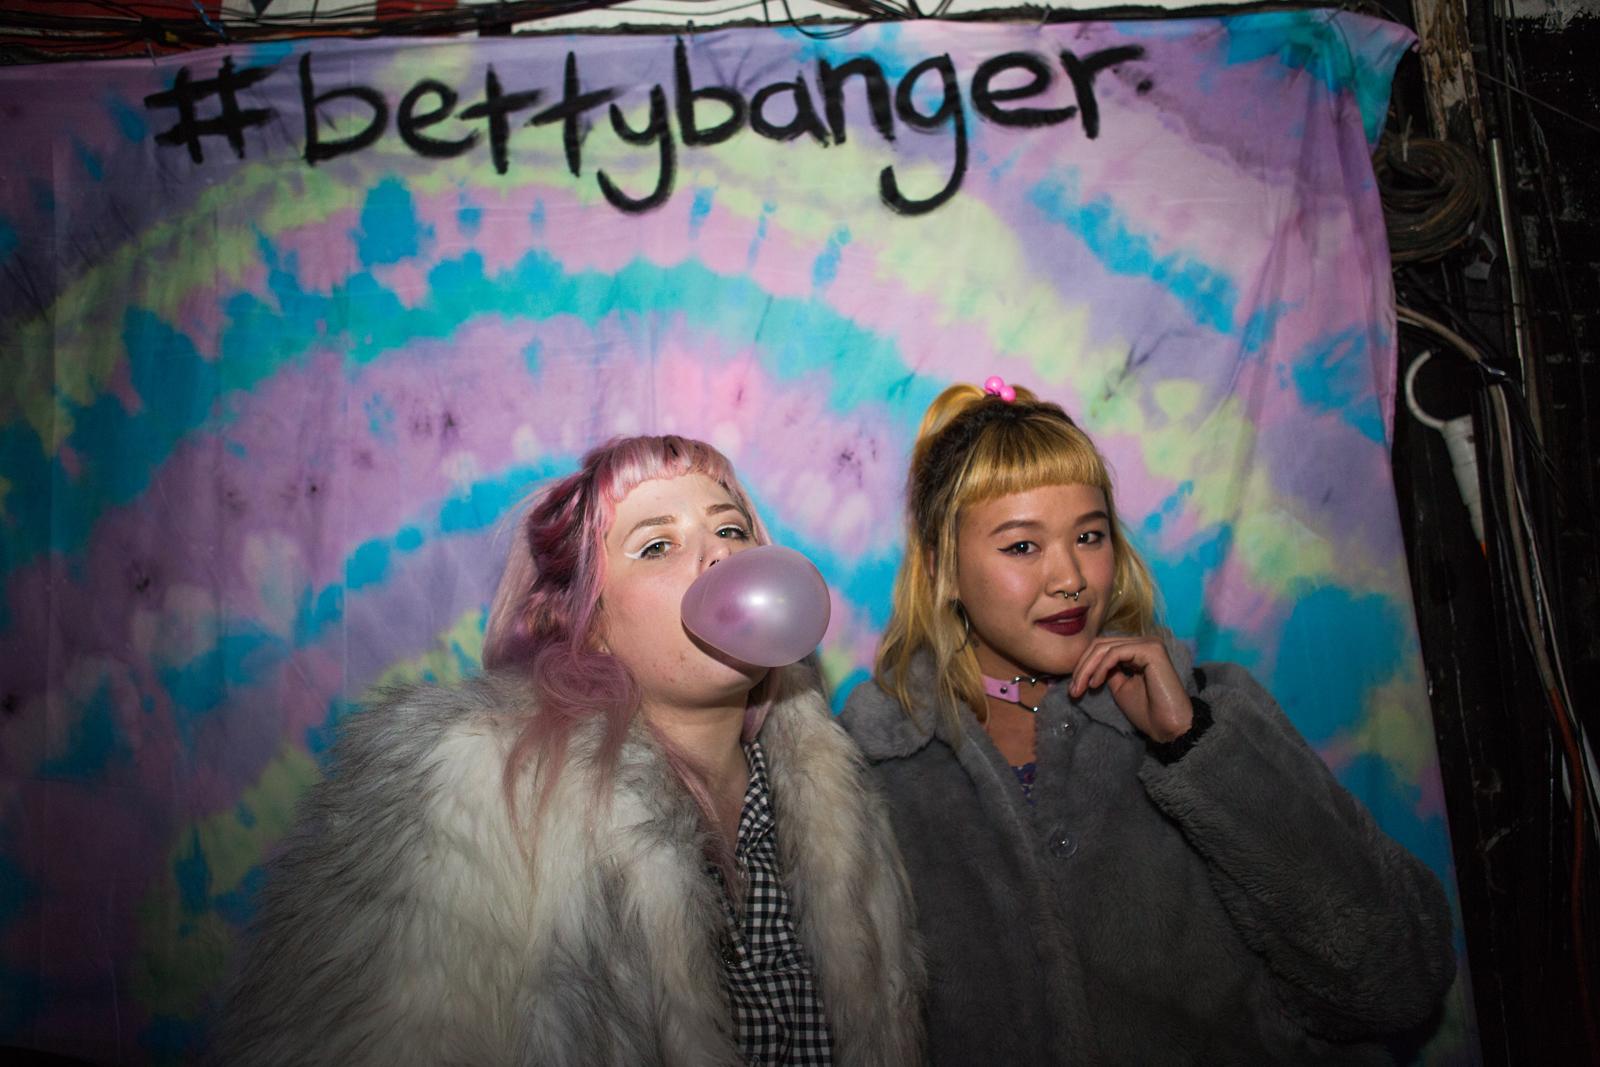 BettyzBanger-96.jpg